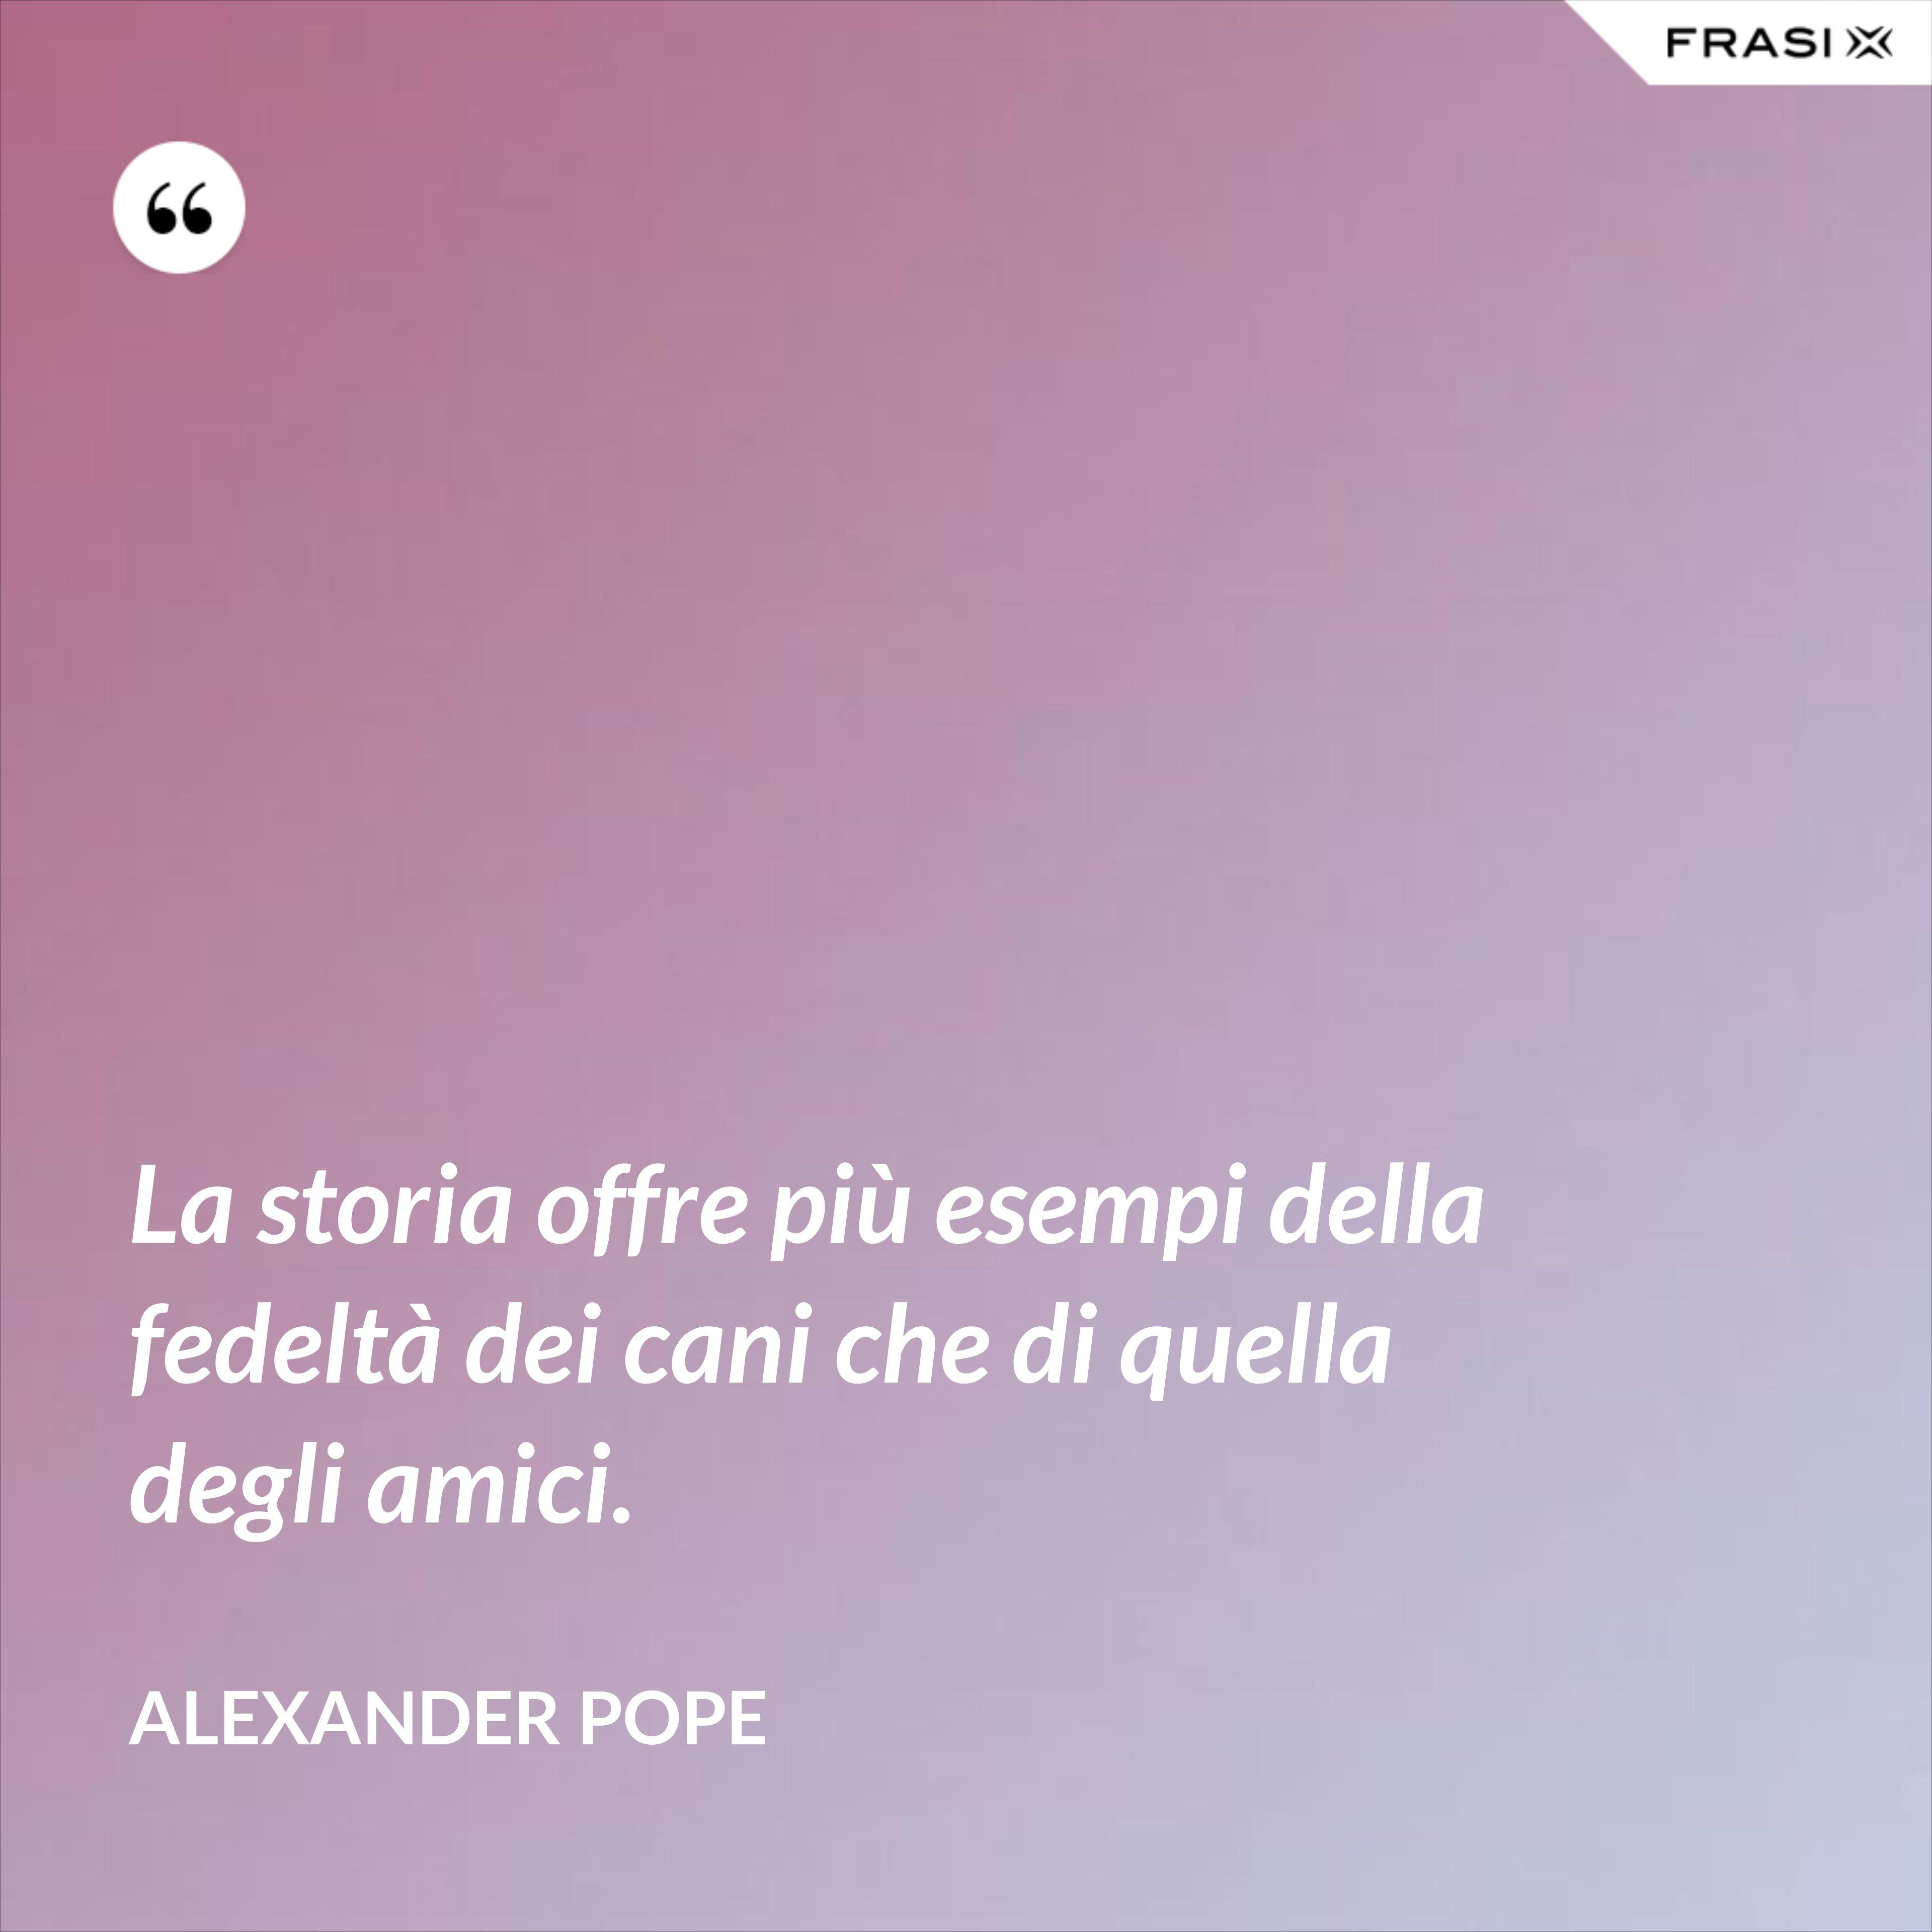 La storia offre più esempi della fedeltà dei cani che di quella degli amici. - Alexander Pope